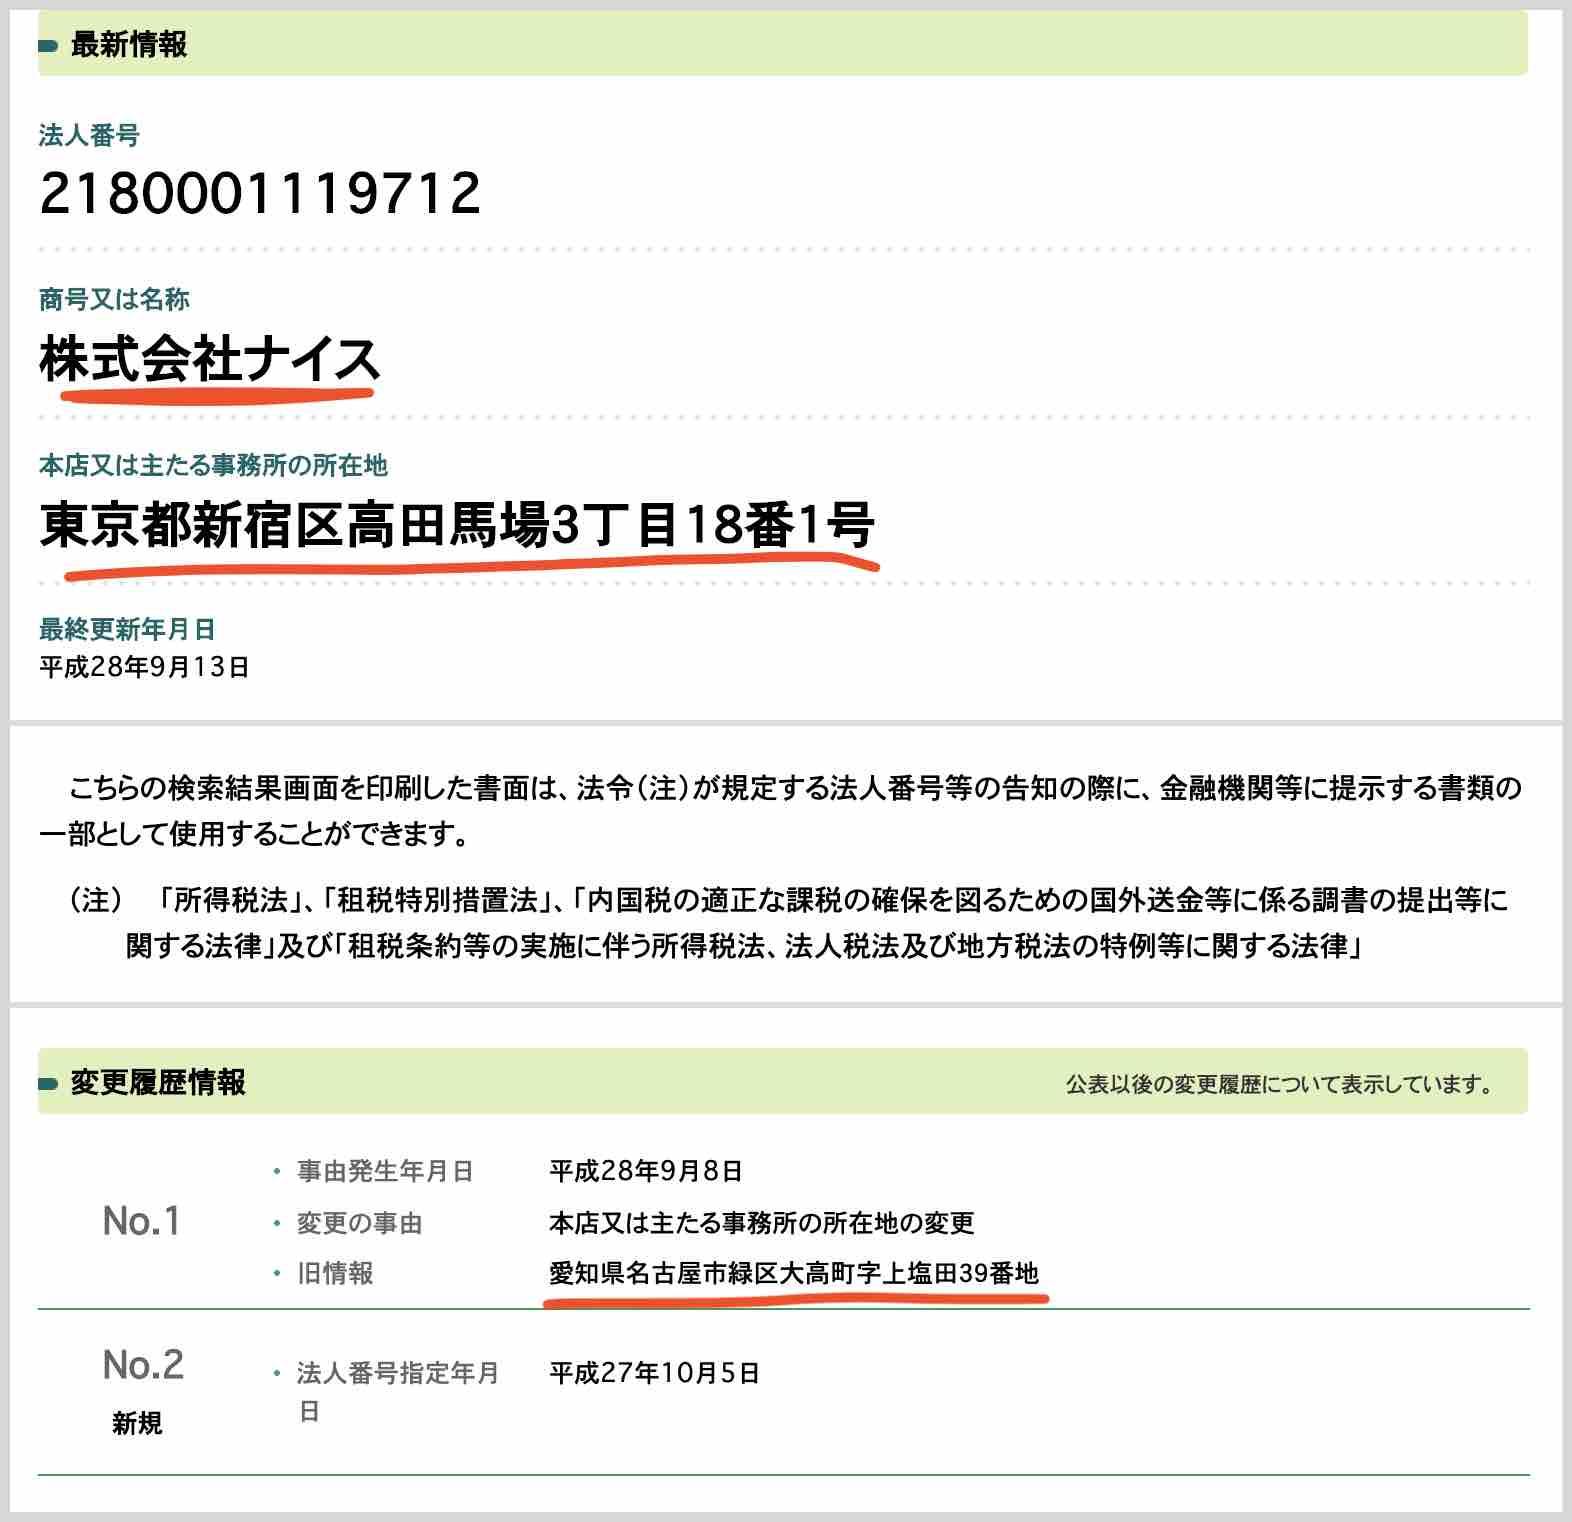 的中総選挙という競馬予想サイトの運営社情報「株式会社ナイス」の情報